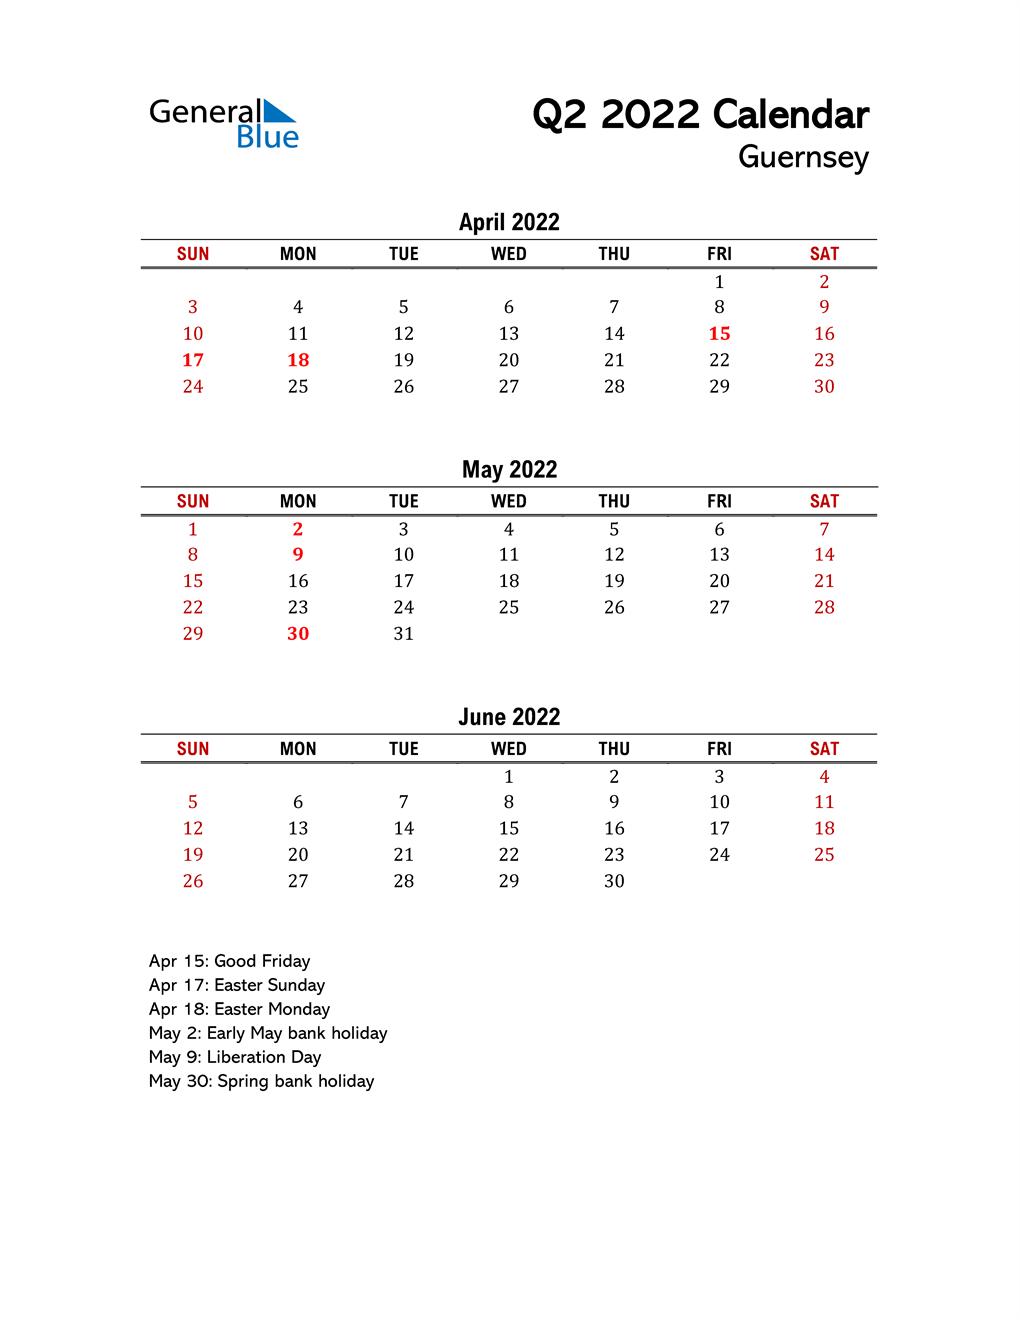 2022 Q2 Calendar with Holidays List